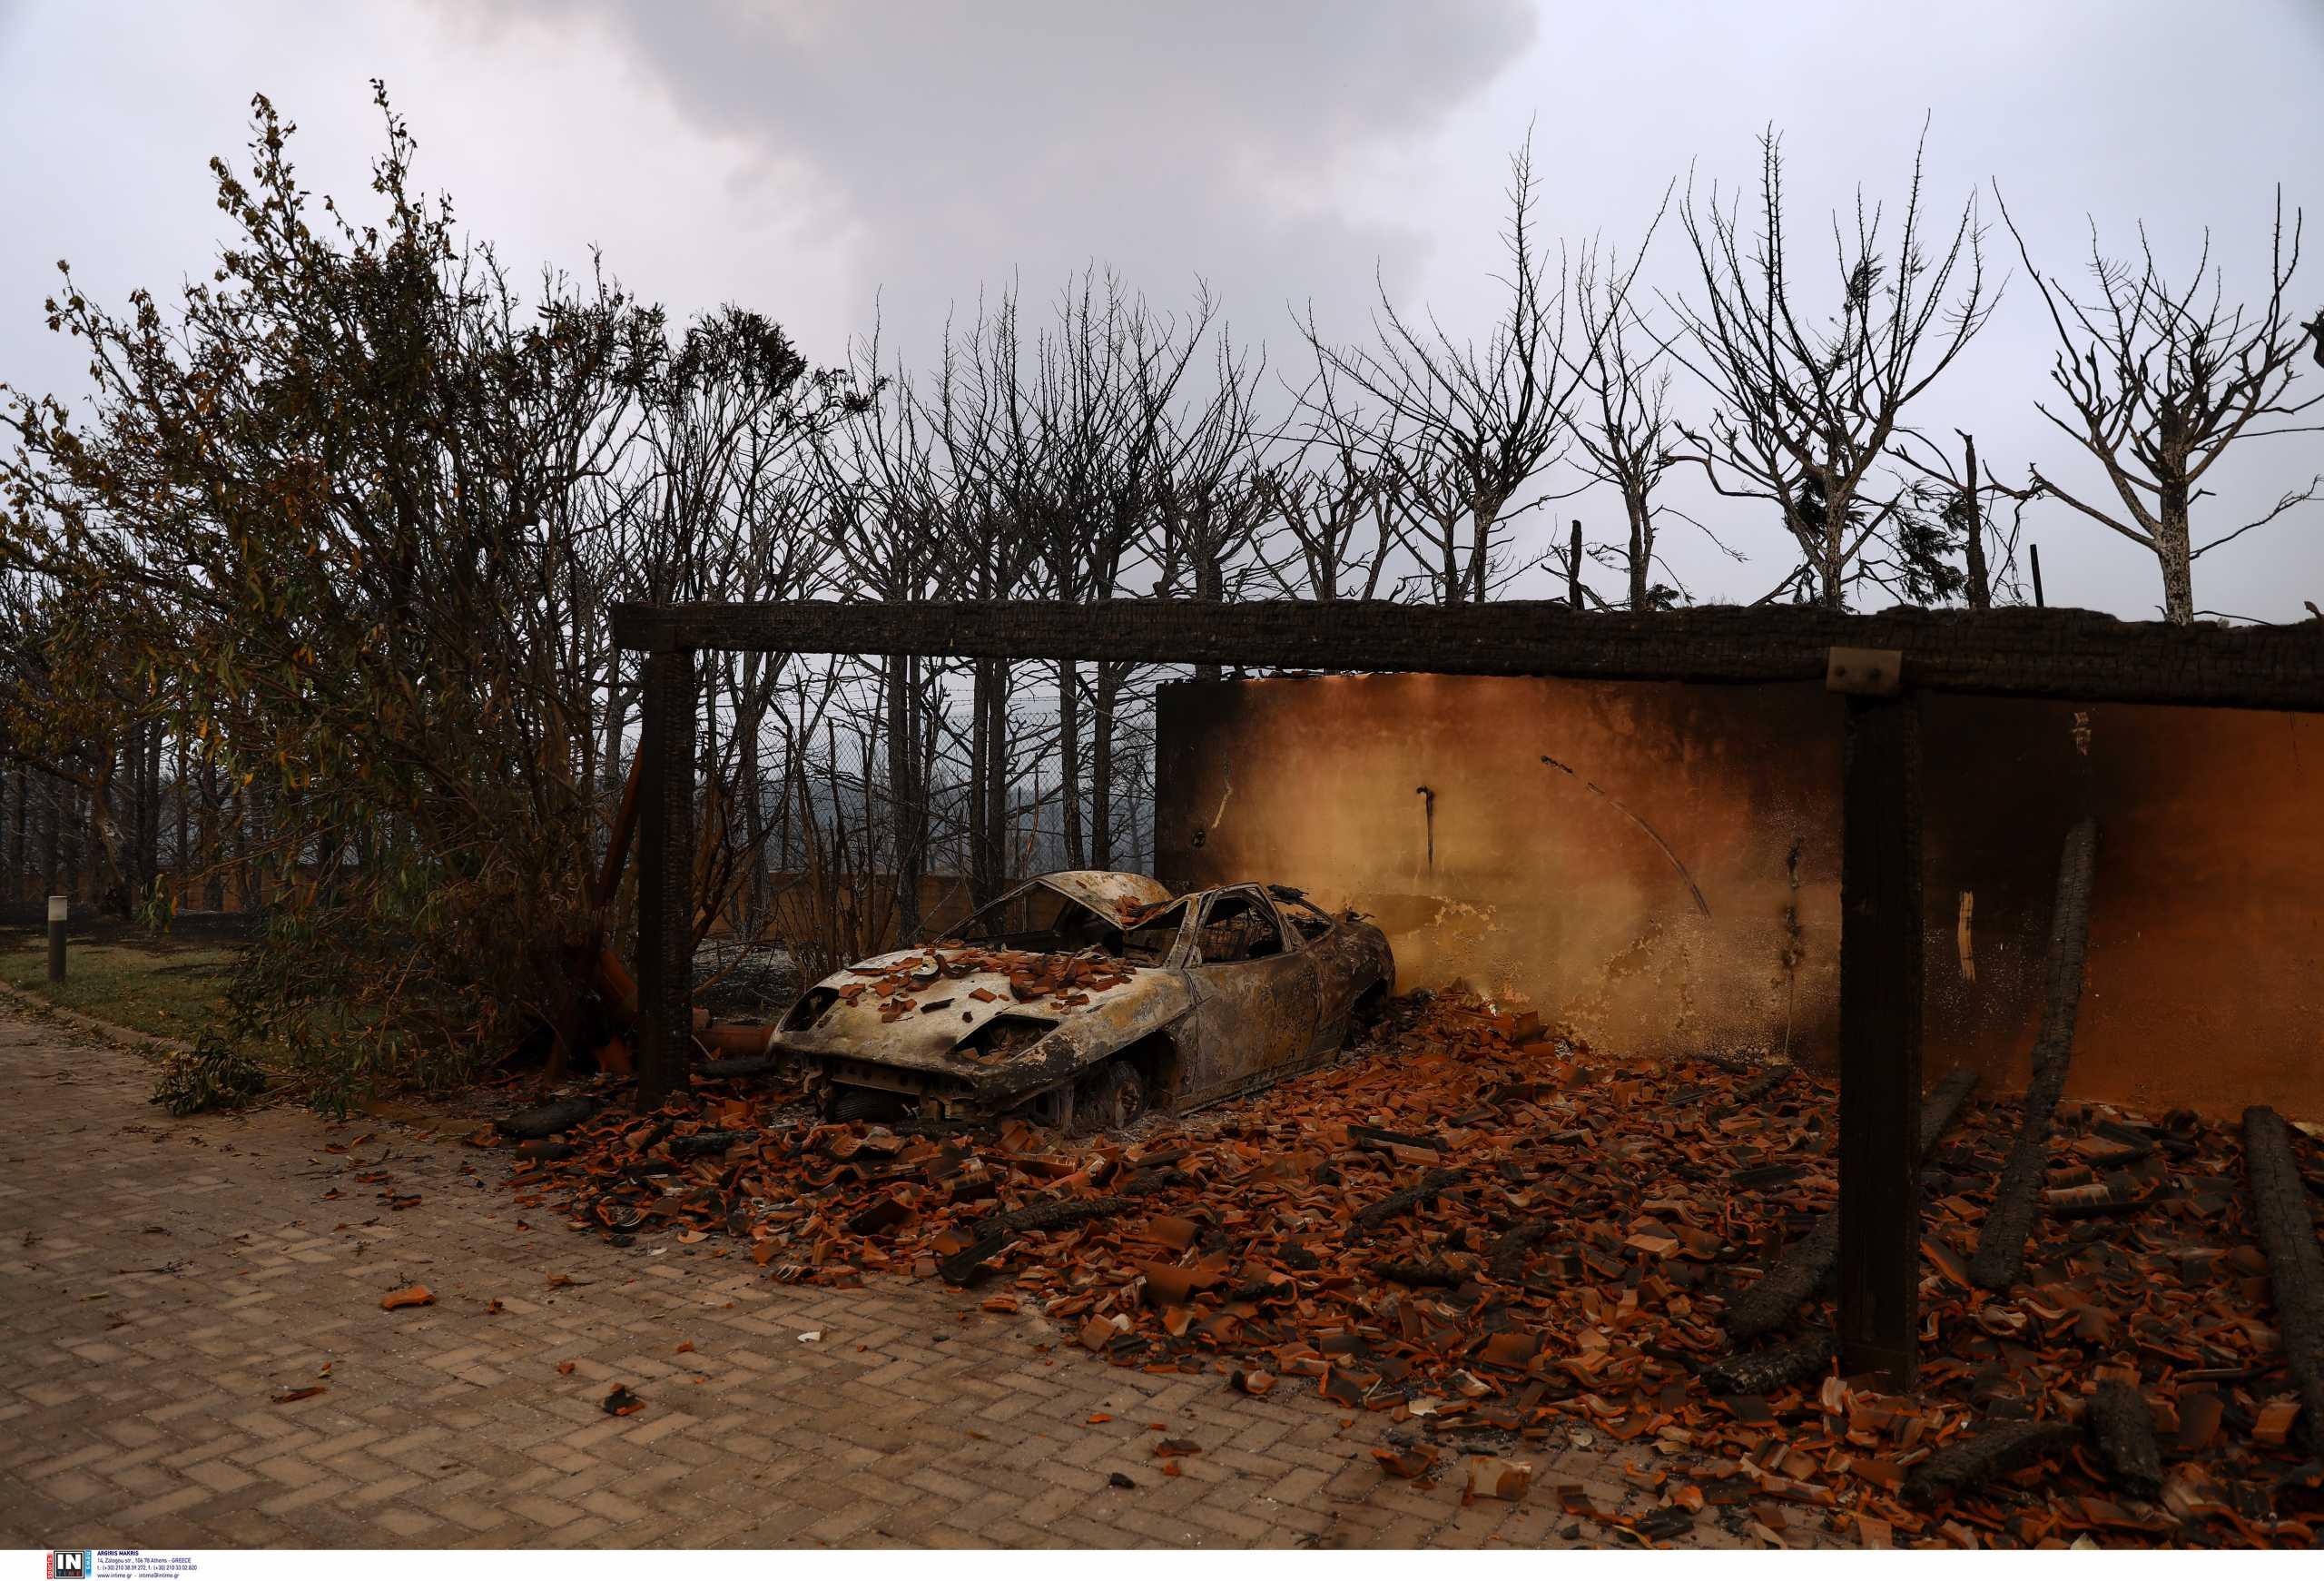 Για κακούργημα διώκεται ο 43χρονος που συνελήφθη για εμπρησμό στο Κρυονέρι